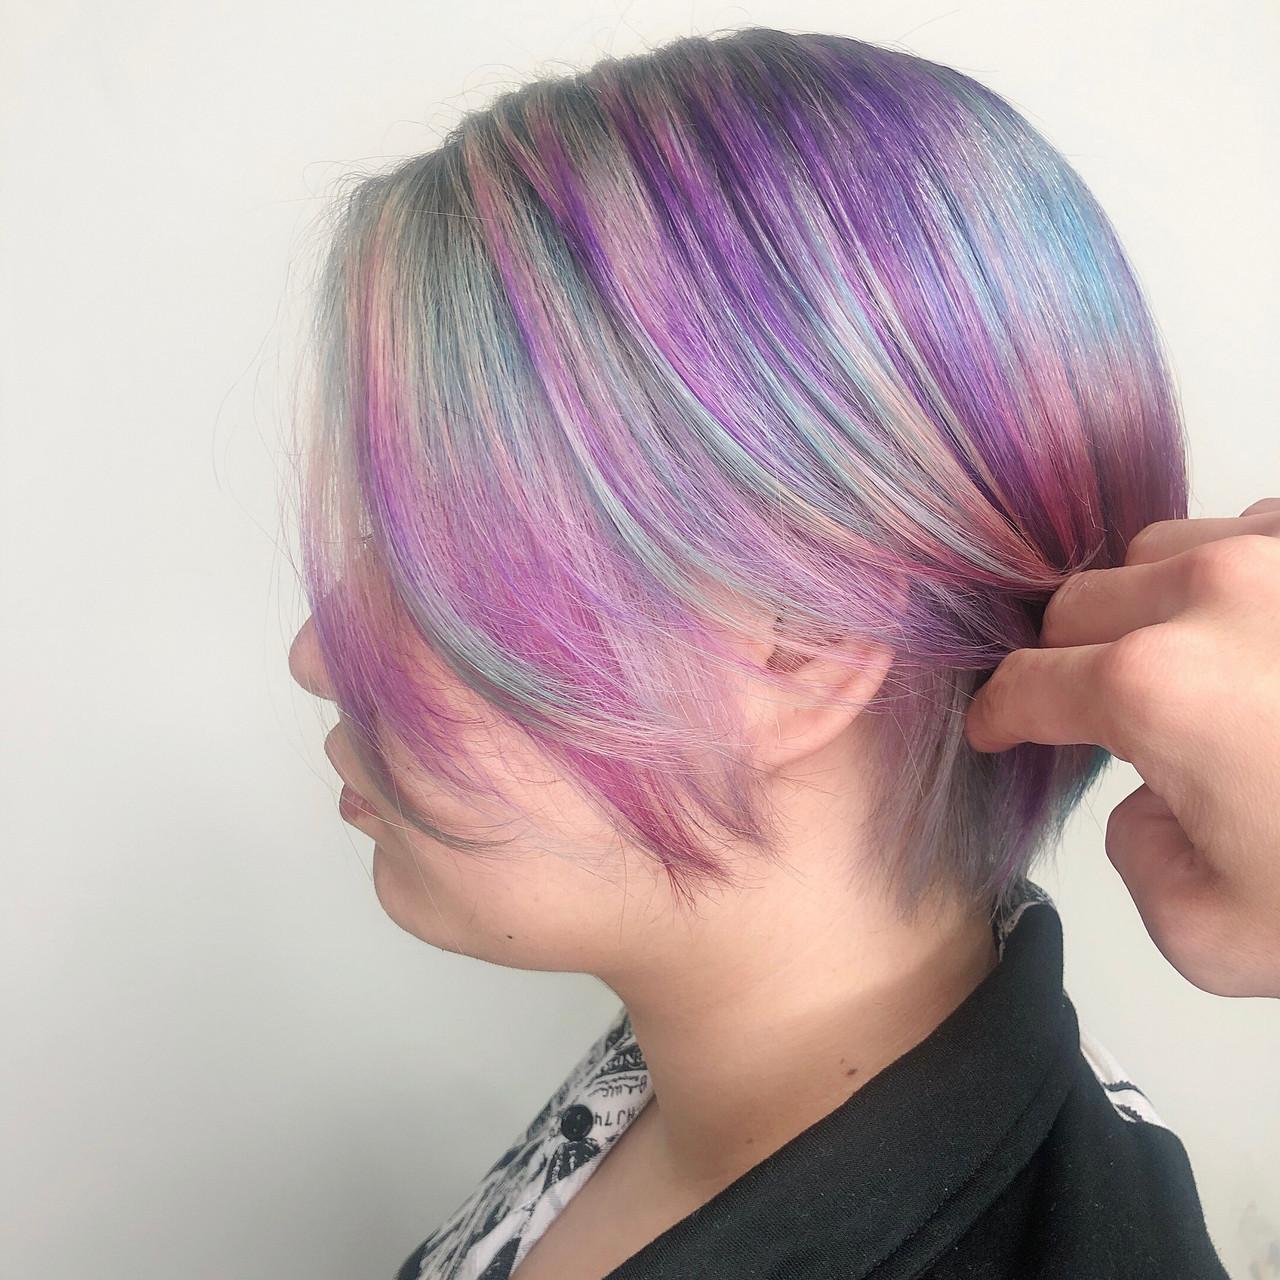 ハイトーン ハイトーンカラー 派手髪 ショート ヘアスタイルや髪型の写真・画像